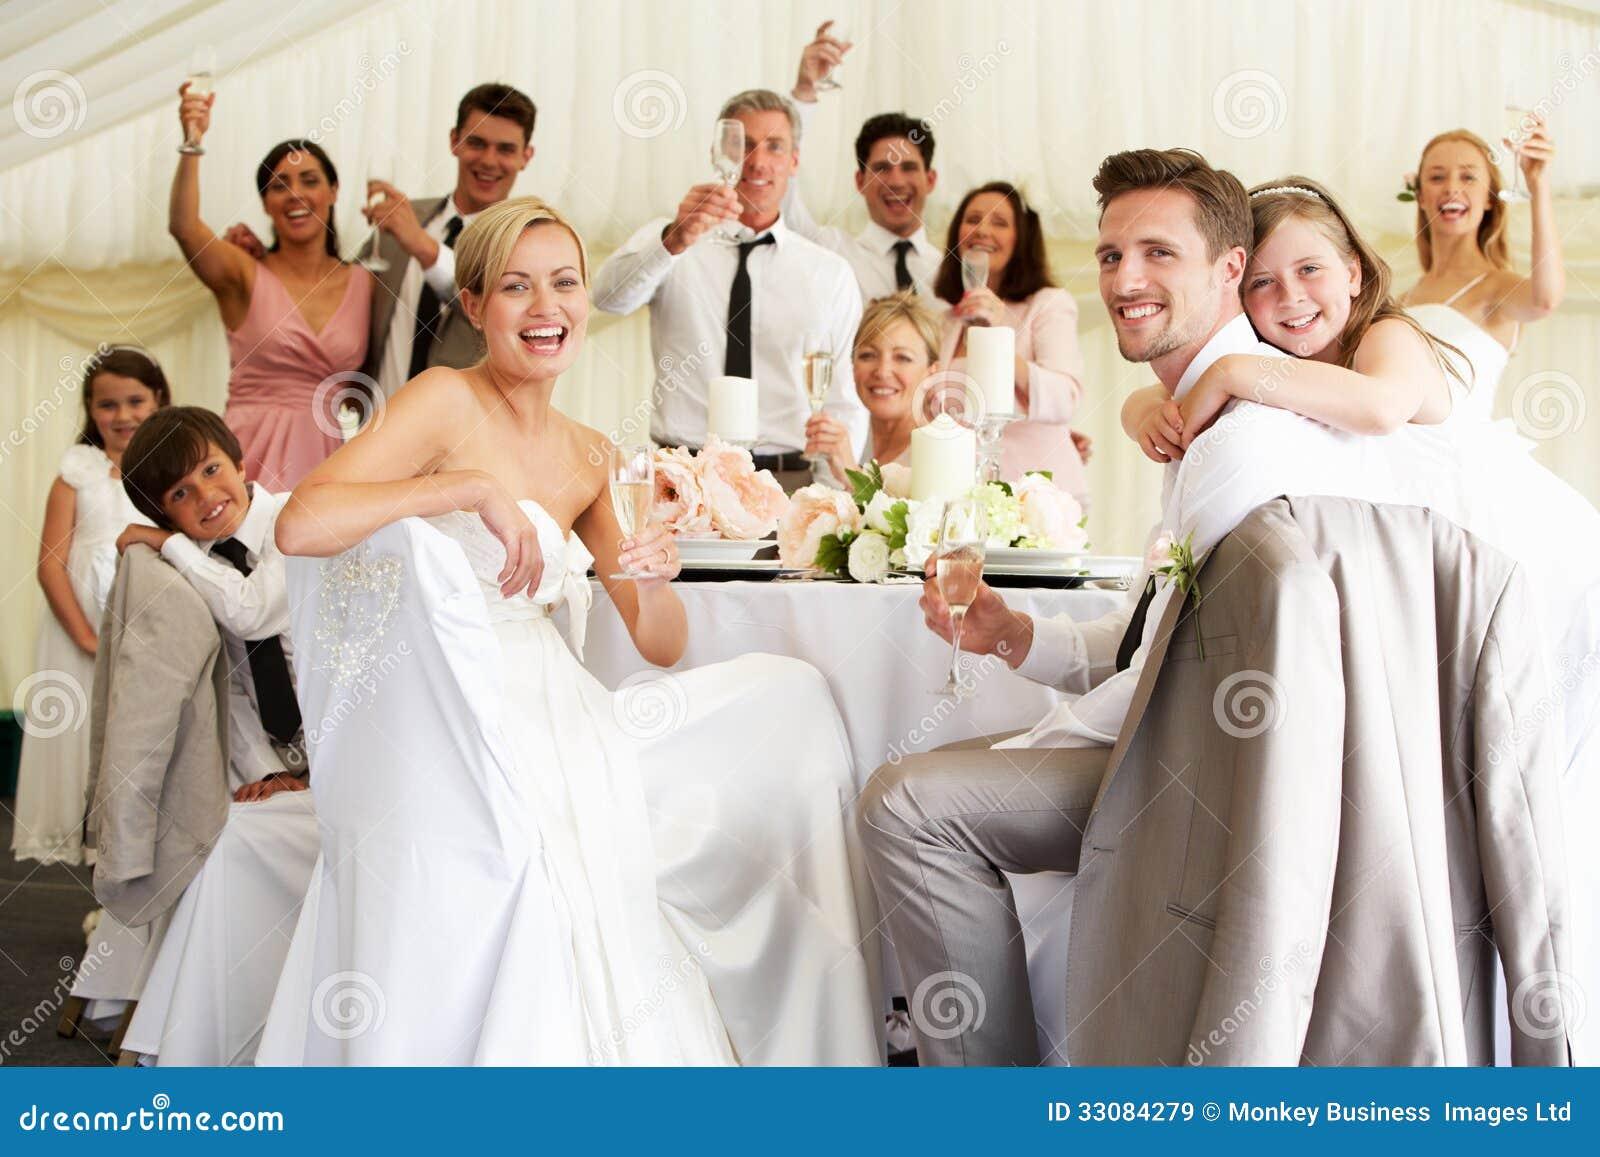 Noivos Celebrating With Guests na recepção